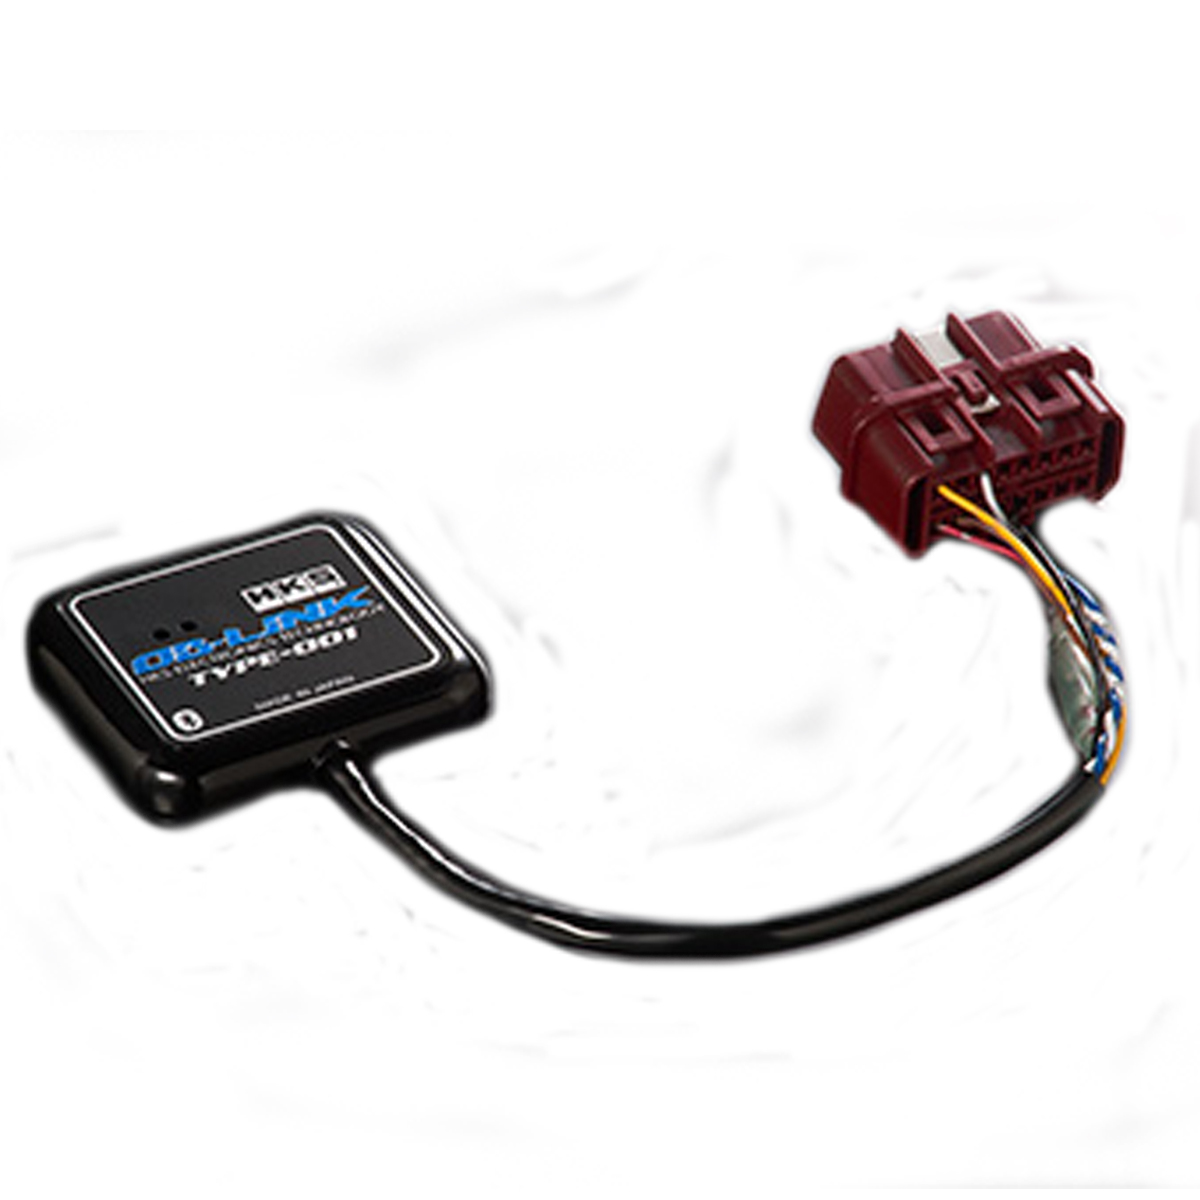 エスクード タイプ モニター OBリンク タイプ 001 TDB4W HKS 44009-AK002 001 44009-AK002 エレクトリニクス, S@GUARD:86159e6b --- sunward.msk.ru